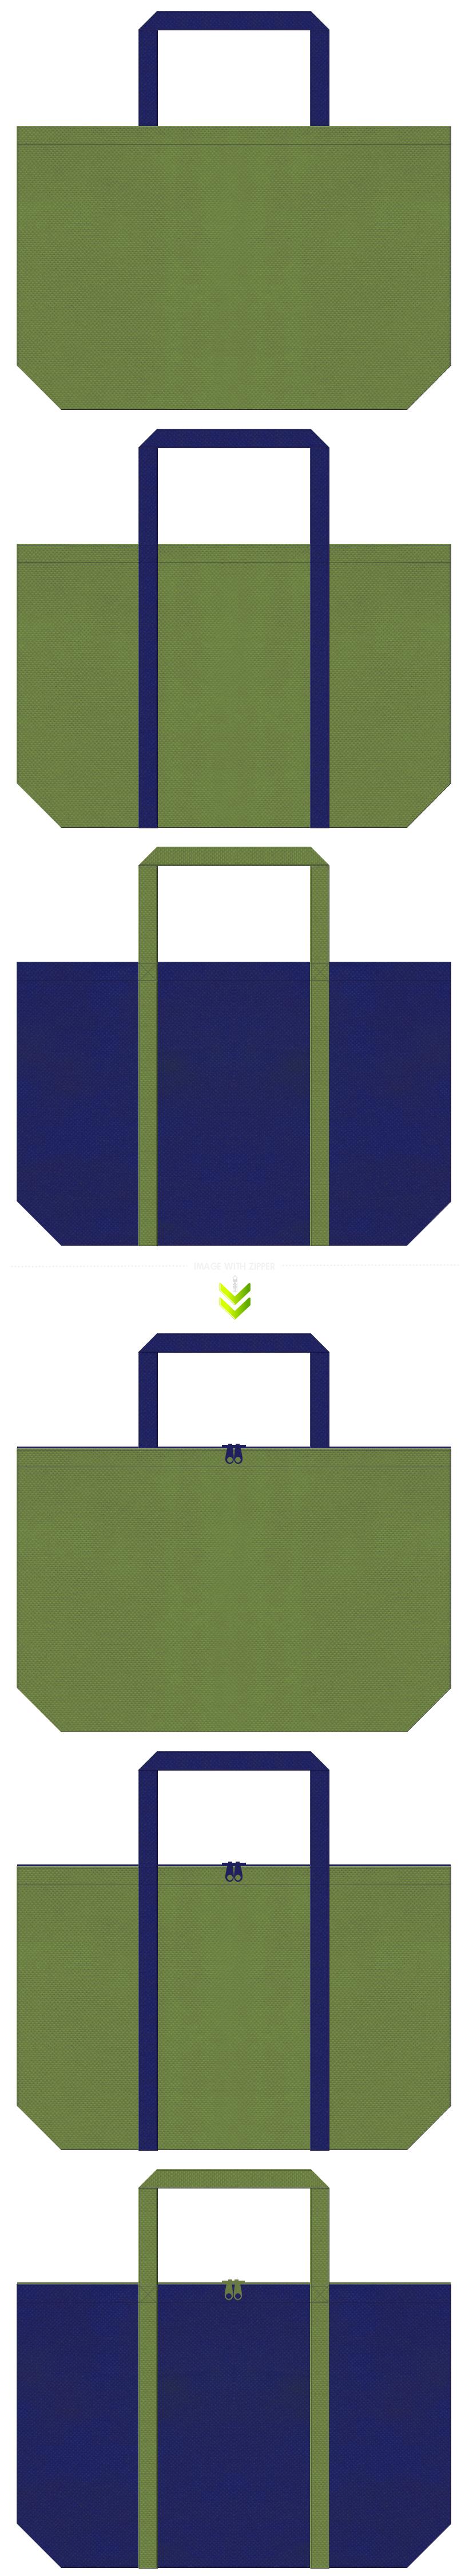 草色と明るい紺色の不織布エコバッグのデザイン。